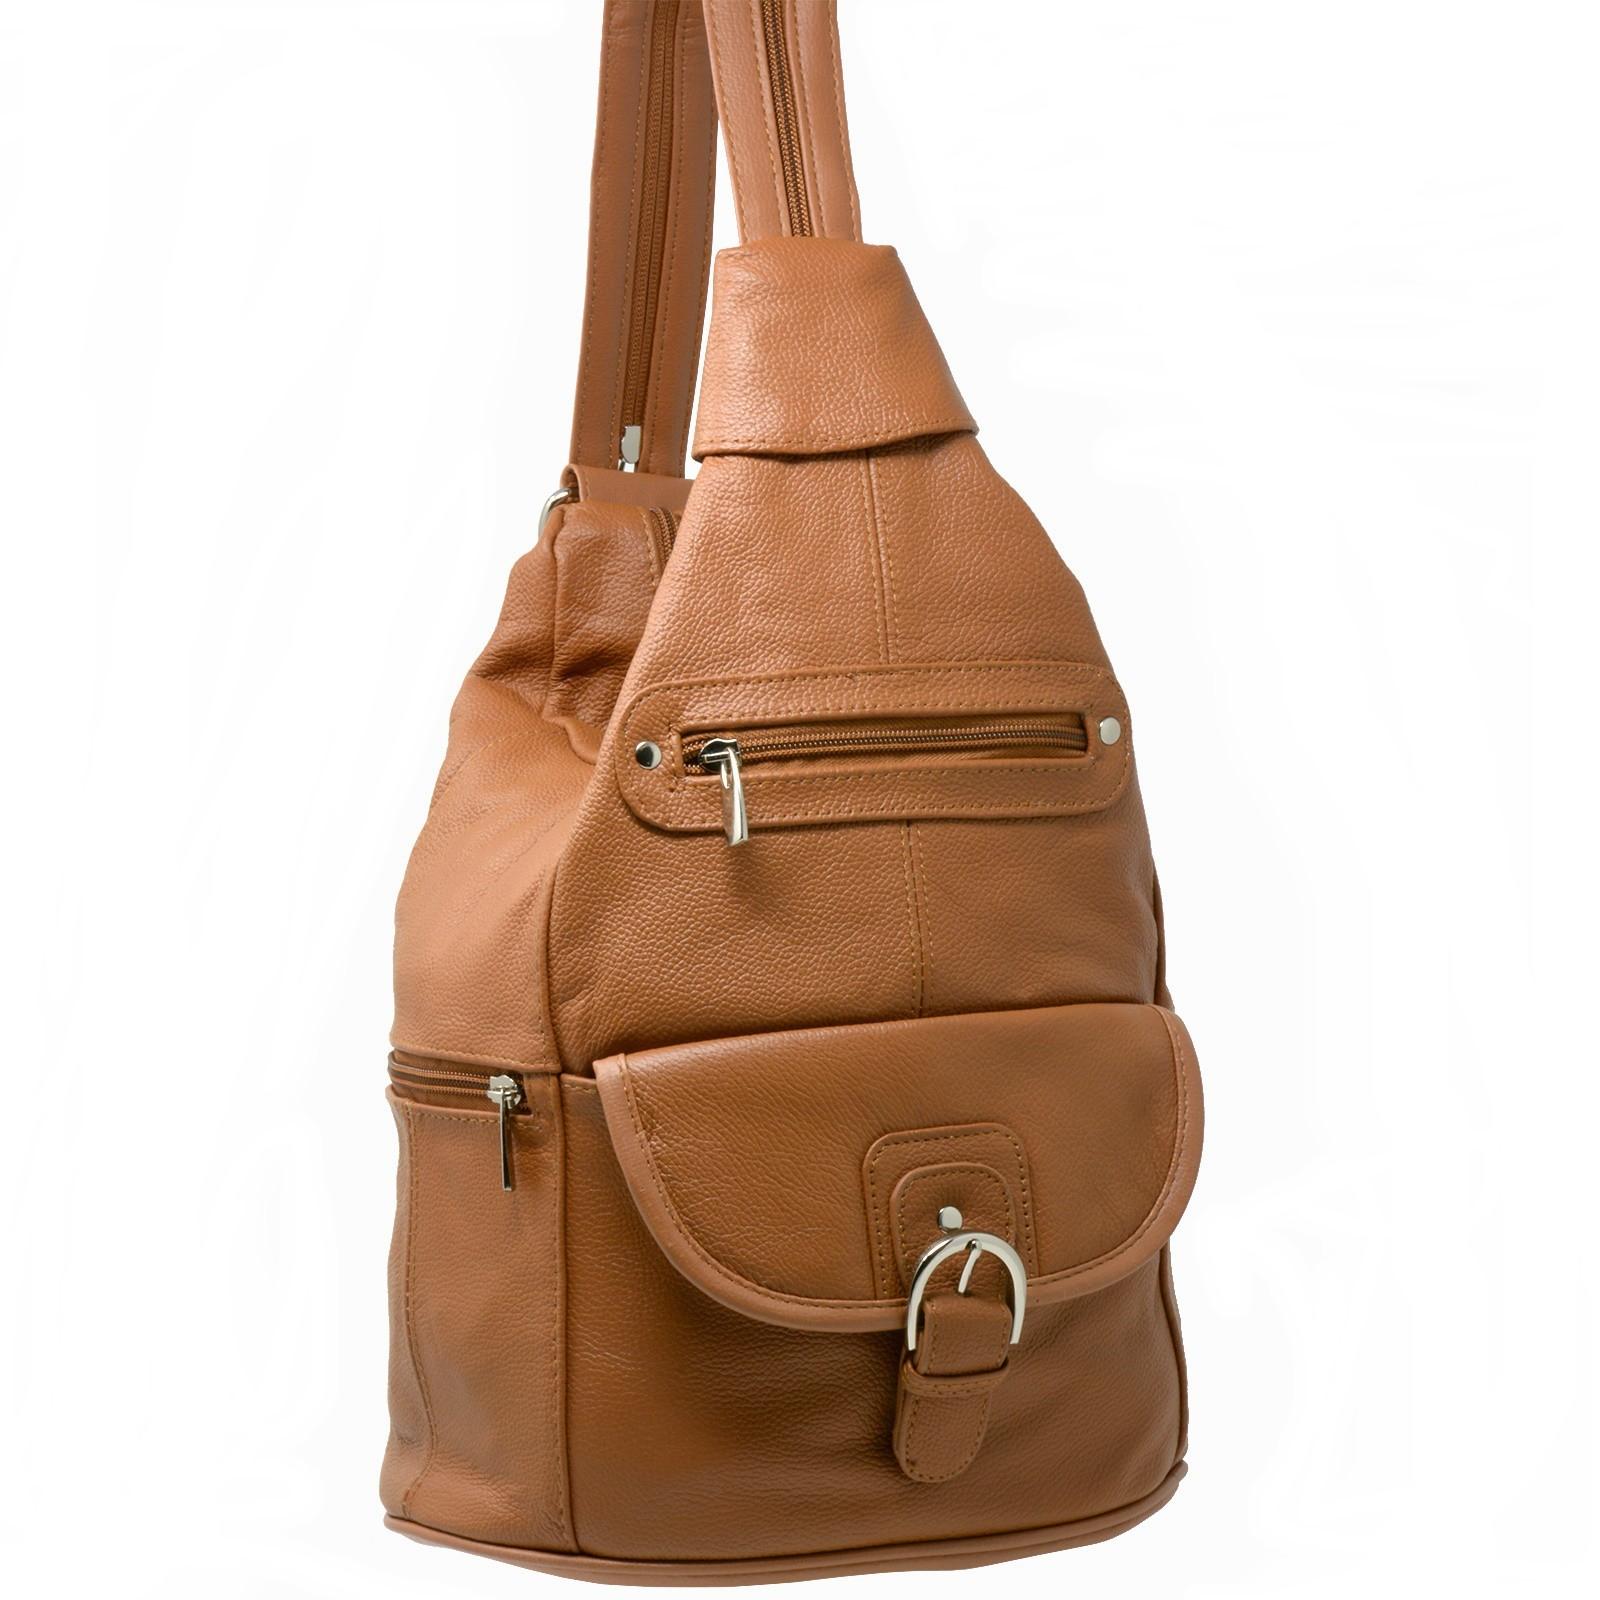 Womens Leather Backpack Purse Sling Shoulder Bag Handbag 3 in 1 ... c735c77af830a